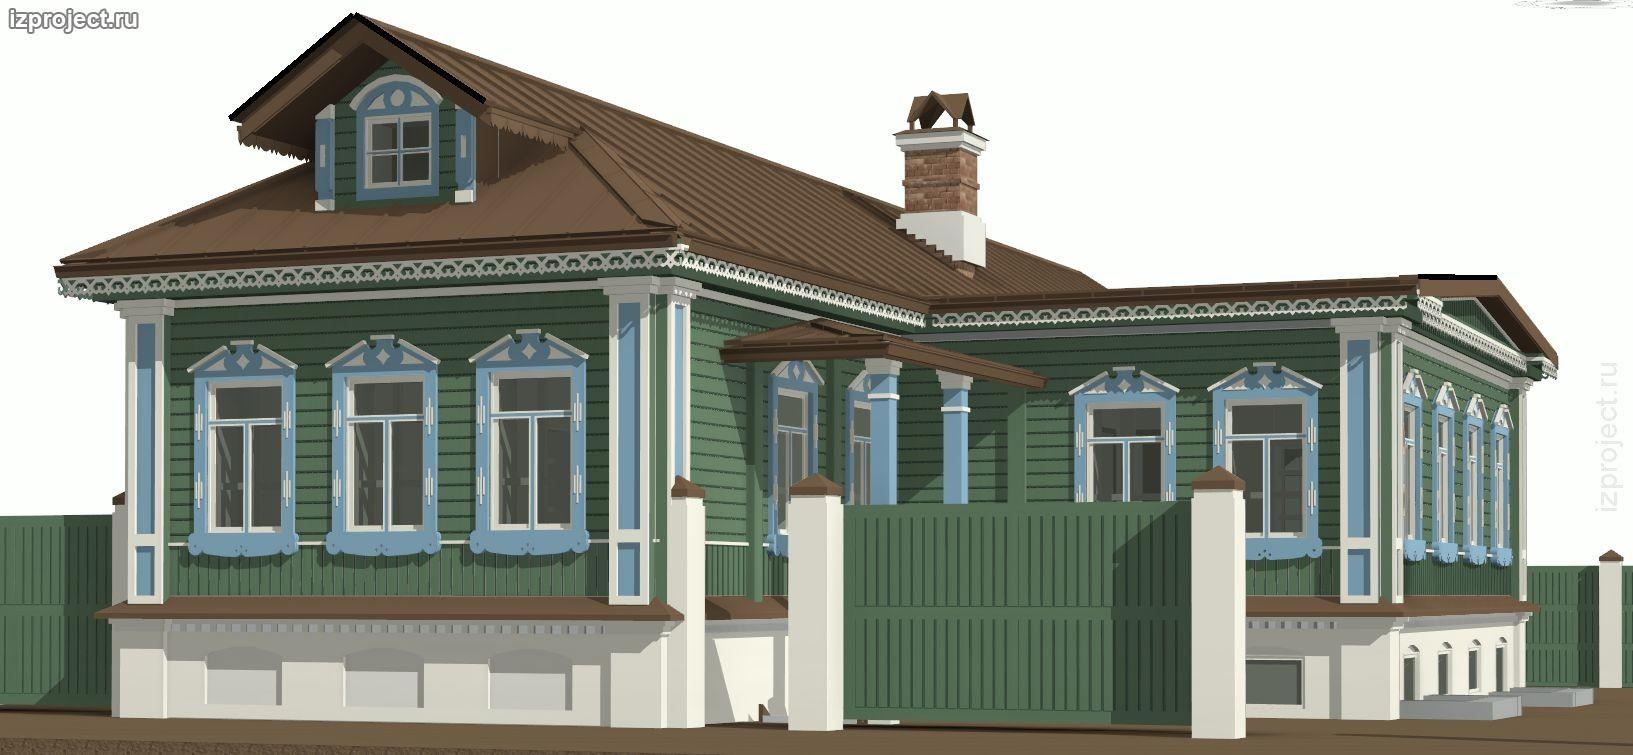 Проект жилого дома в суздальском стиле